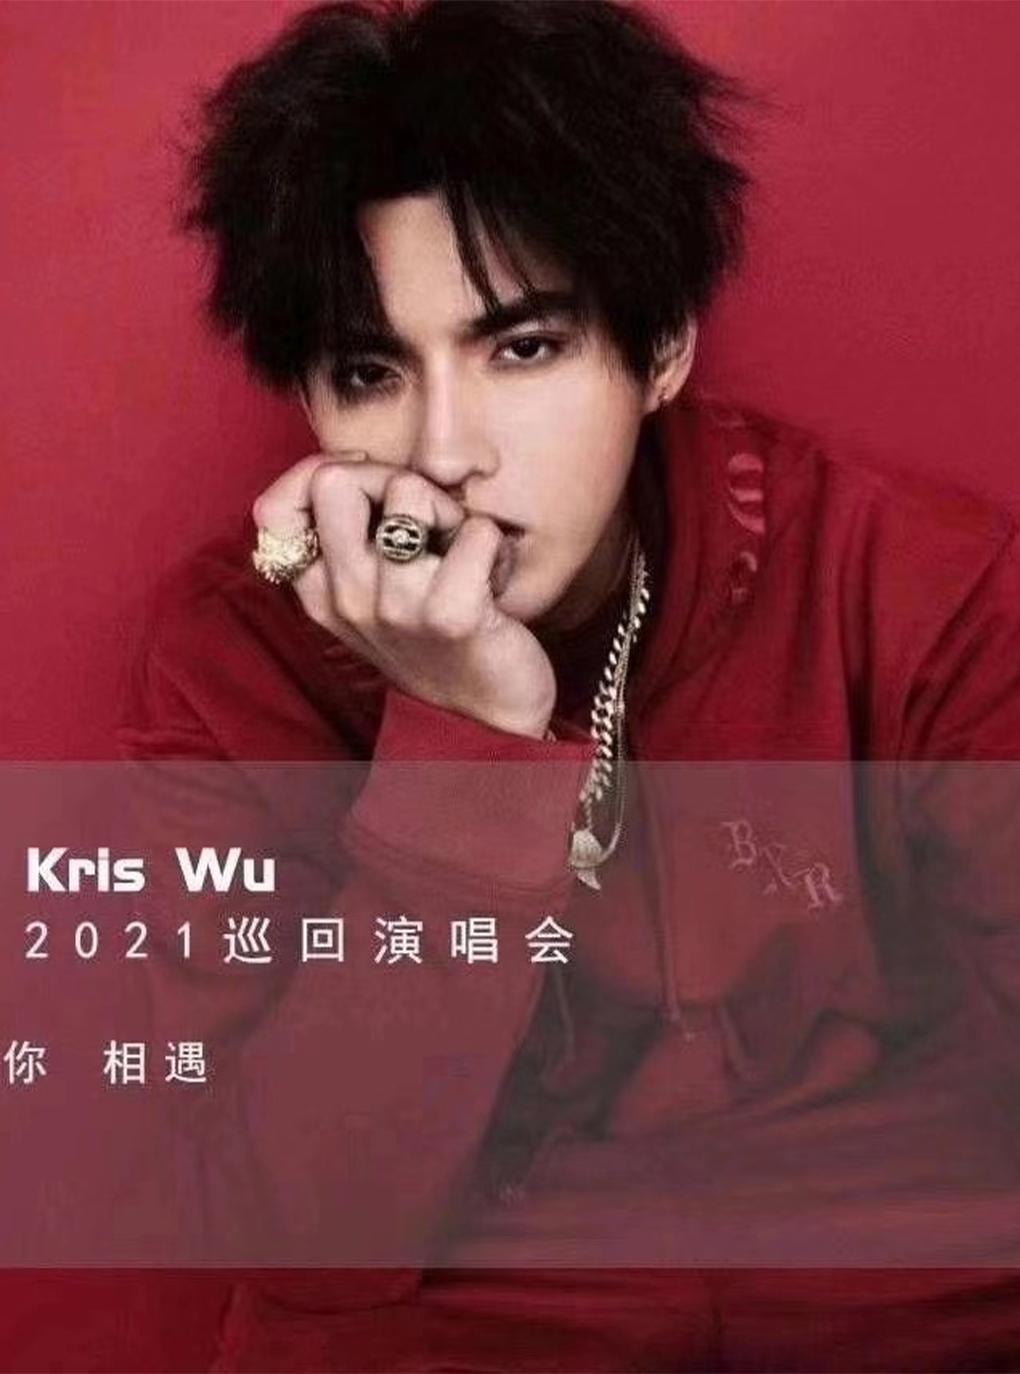 2021吴亦凡演唱会时间表